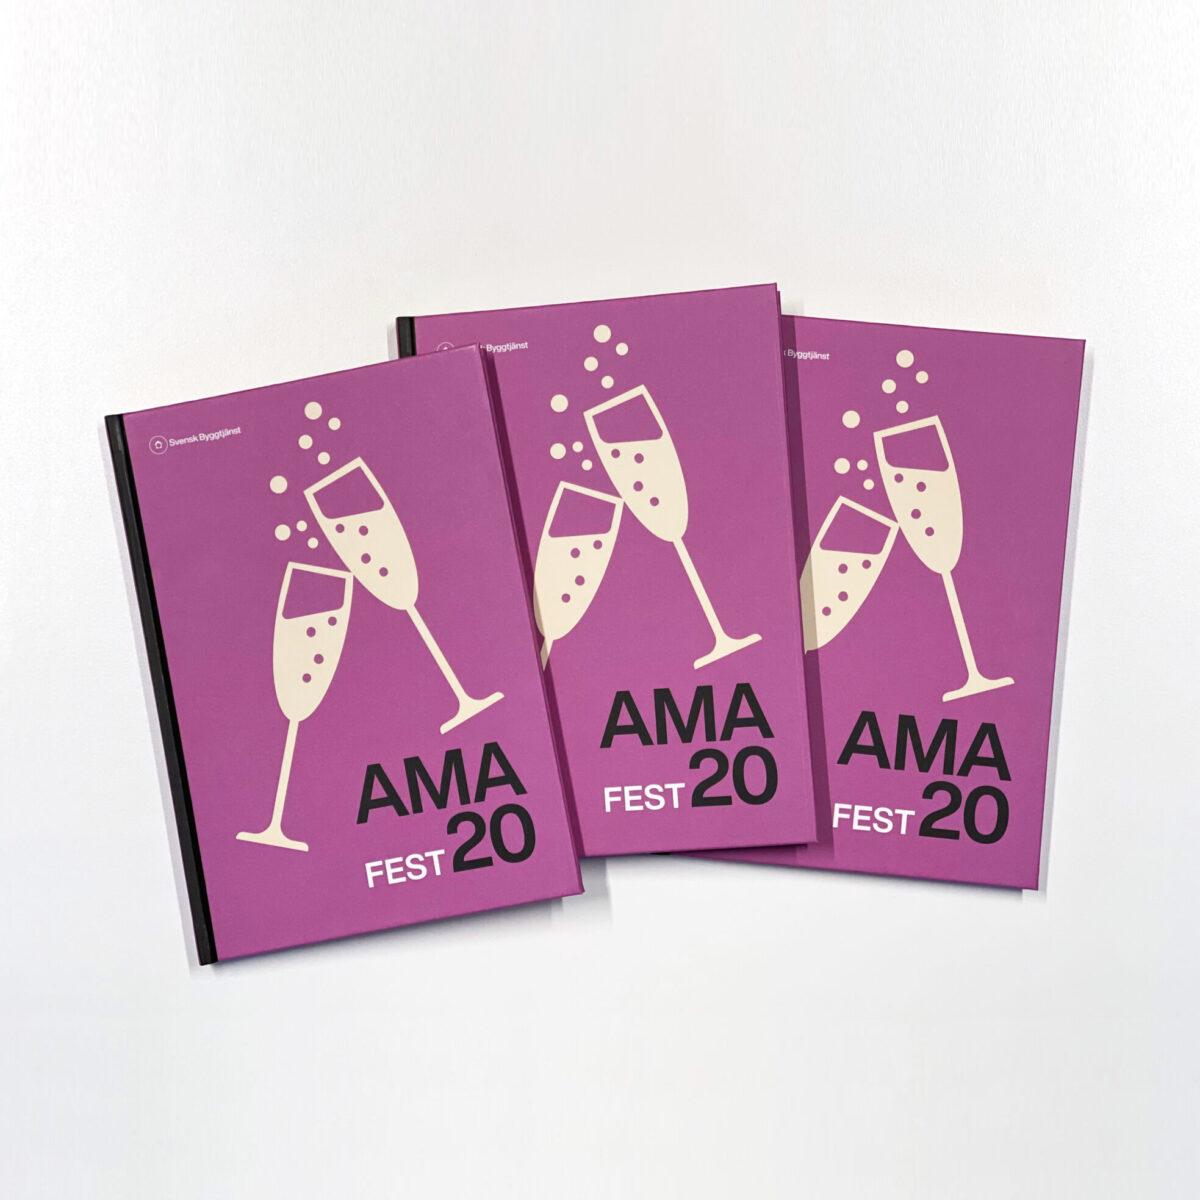 AMA Fest 20